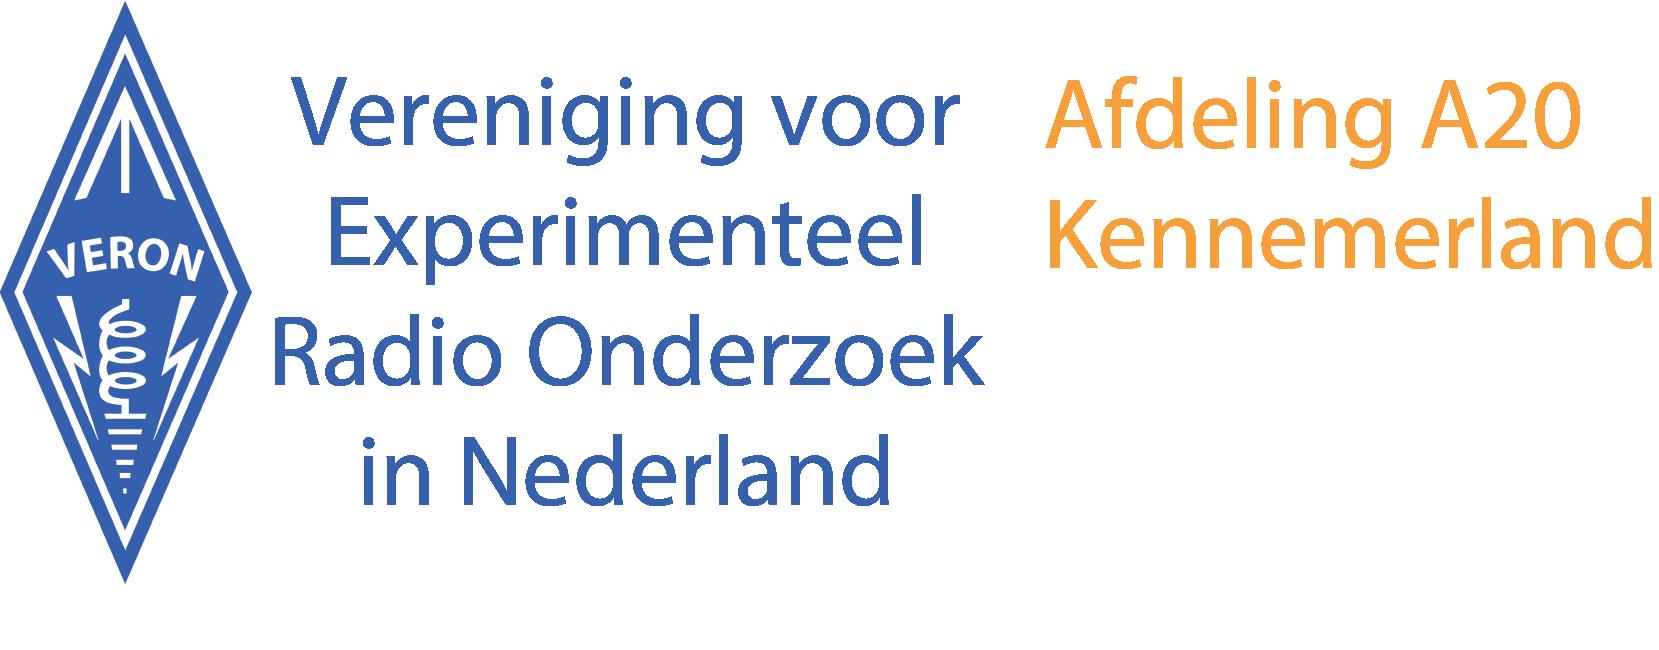 VERON a20 - Kennemerland